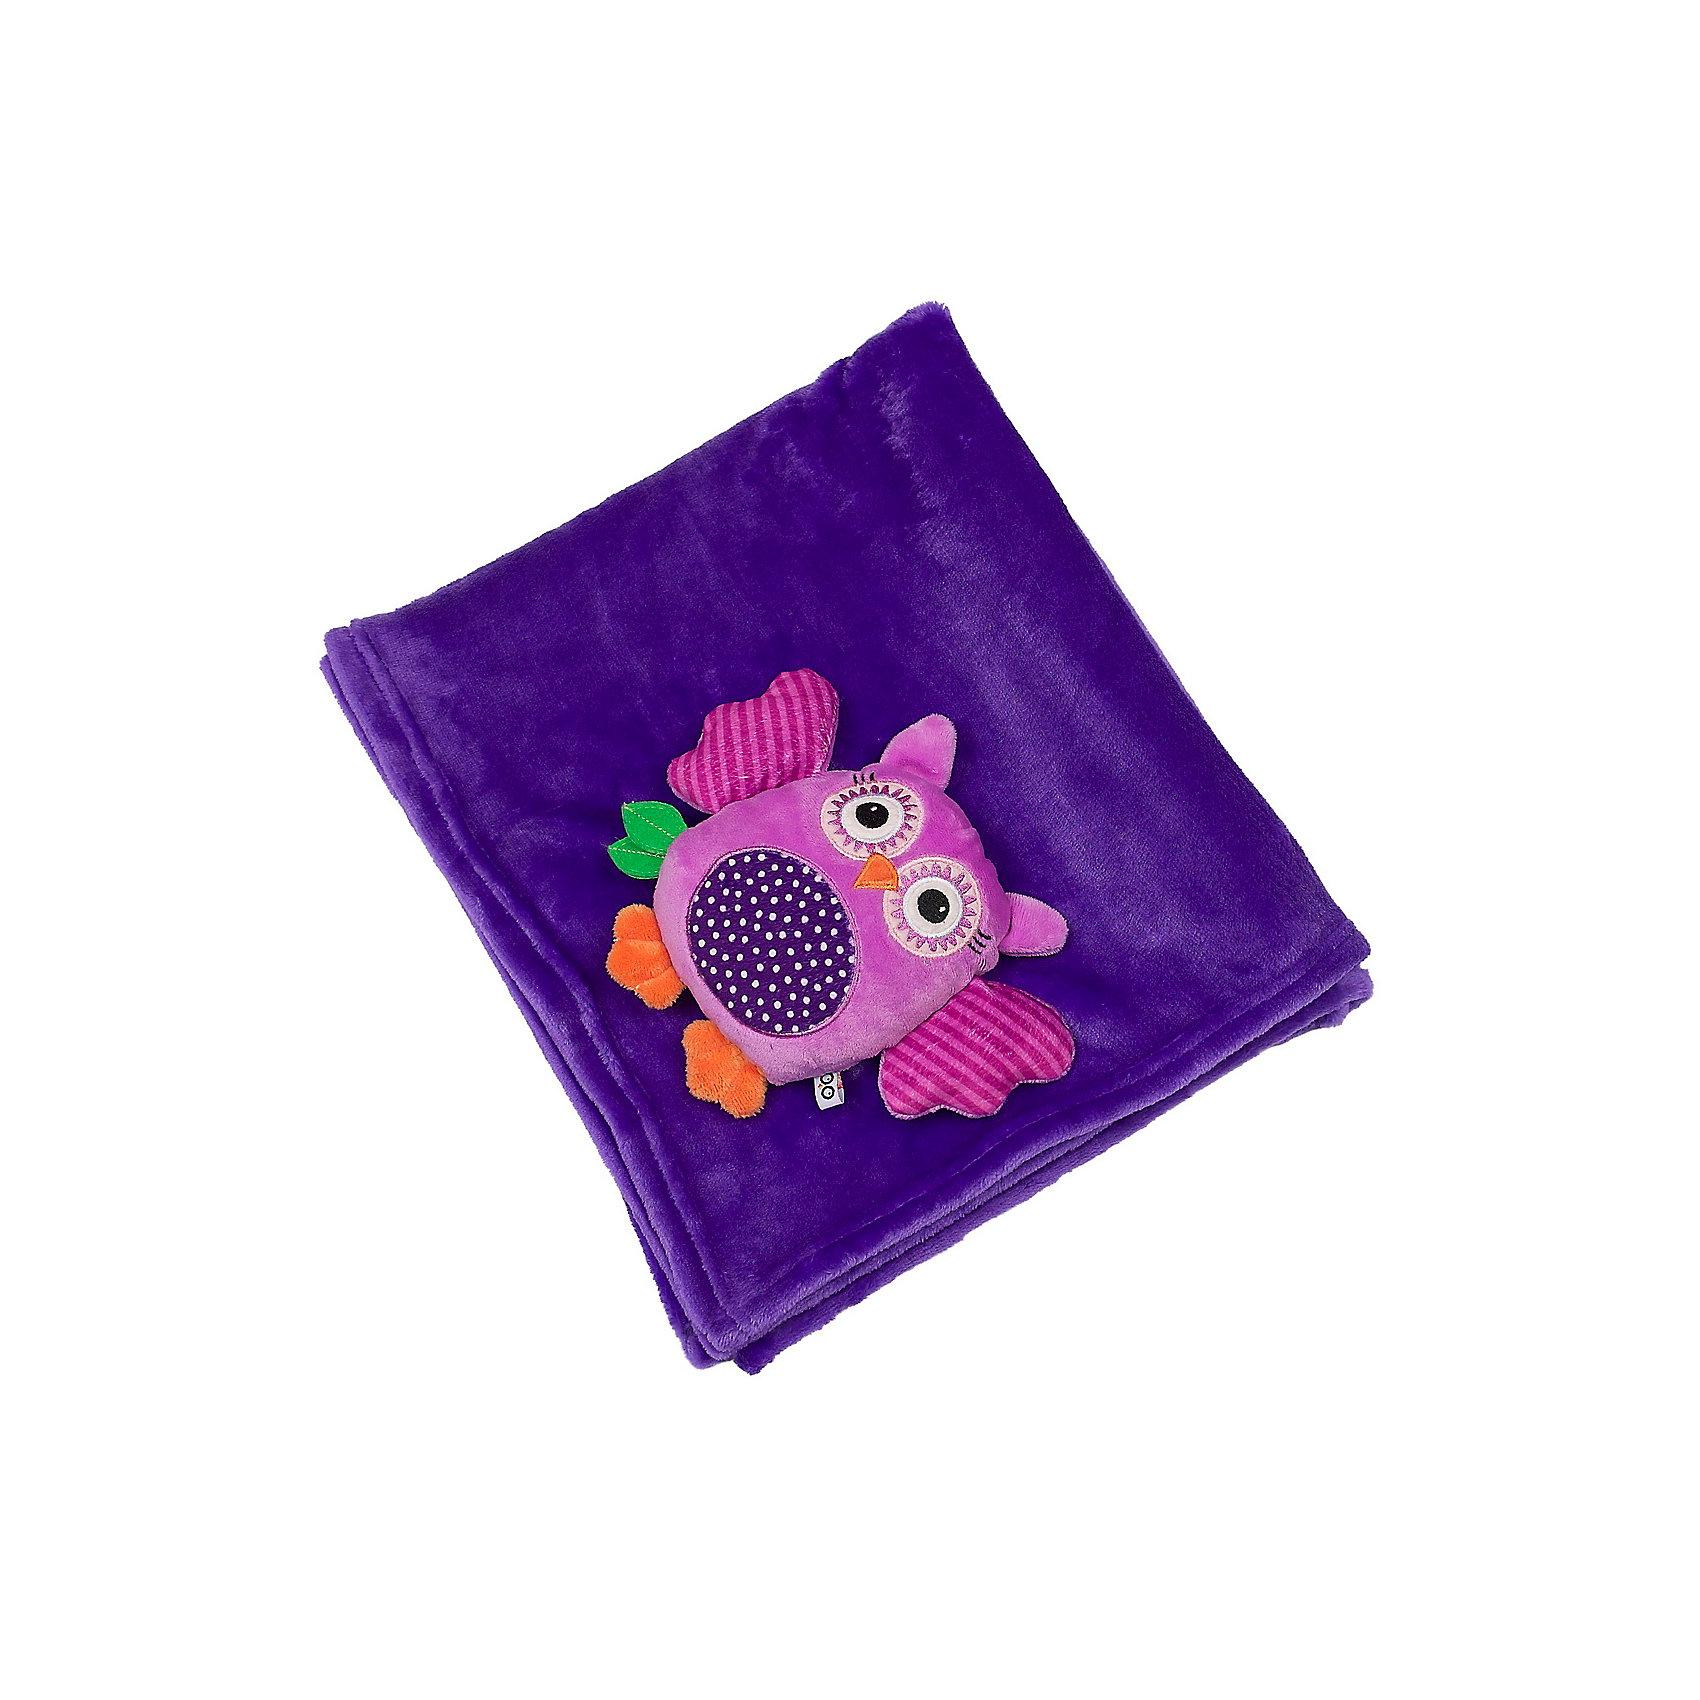 Одеяло с игрушкой Сова, Zoocchini, фиолетовыйОдеяло с игрушкой Сова, фиолетовый от американского бренда Zoocchini (Зукинни) поможет в оформлении интерьера детской комнаты и приведет в восторг вашего ребенка. Яркий фиолетовый цвет одеяла и мягкая подружка Сова Олив на уголке будут радовать глаз и развлекать, а нежная плюшевая ткань очень приятна на ощупь и подарить тепло и комфорт маленькому крохе. Одеяло можно брать с собой на природу, в машину или в коляску во время прогулки прохладным вечером. <br>Дополнительная информация:<br>- Состав: 100% полиэстер<br>- Размер: 68,5 * 99 см.<br>Одеяло с игрушкой Сова, фиолетовый Zoocchini(Зукини) можно купить в нашем интернет-магазине.<br>Подробнее:<br>• Для детей в возрасте: от 0 до 3 лет<br><br>• Номер товара: 4976013<br>Страна производитель: Китай<br><br>Ширина мм: 255<br>Глубина мм: 75<br>Высота мм: 255<br>Вес г: 418<br>Возраст от месяцев: 0<br>Возраст до месяцев: 36<br>Пол: Унисекс<br>Возраст: Детский<br>SKU: 4976013